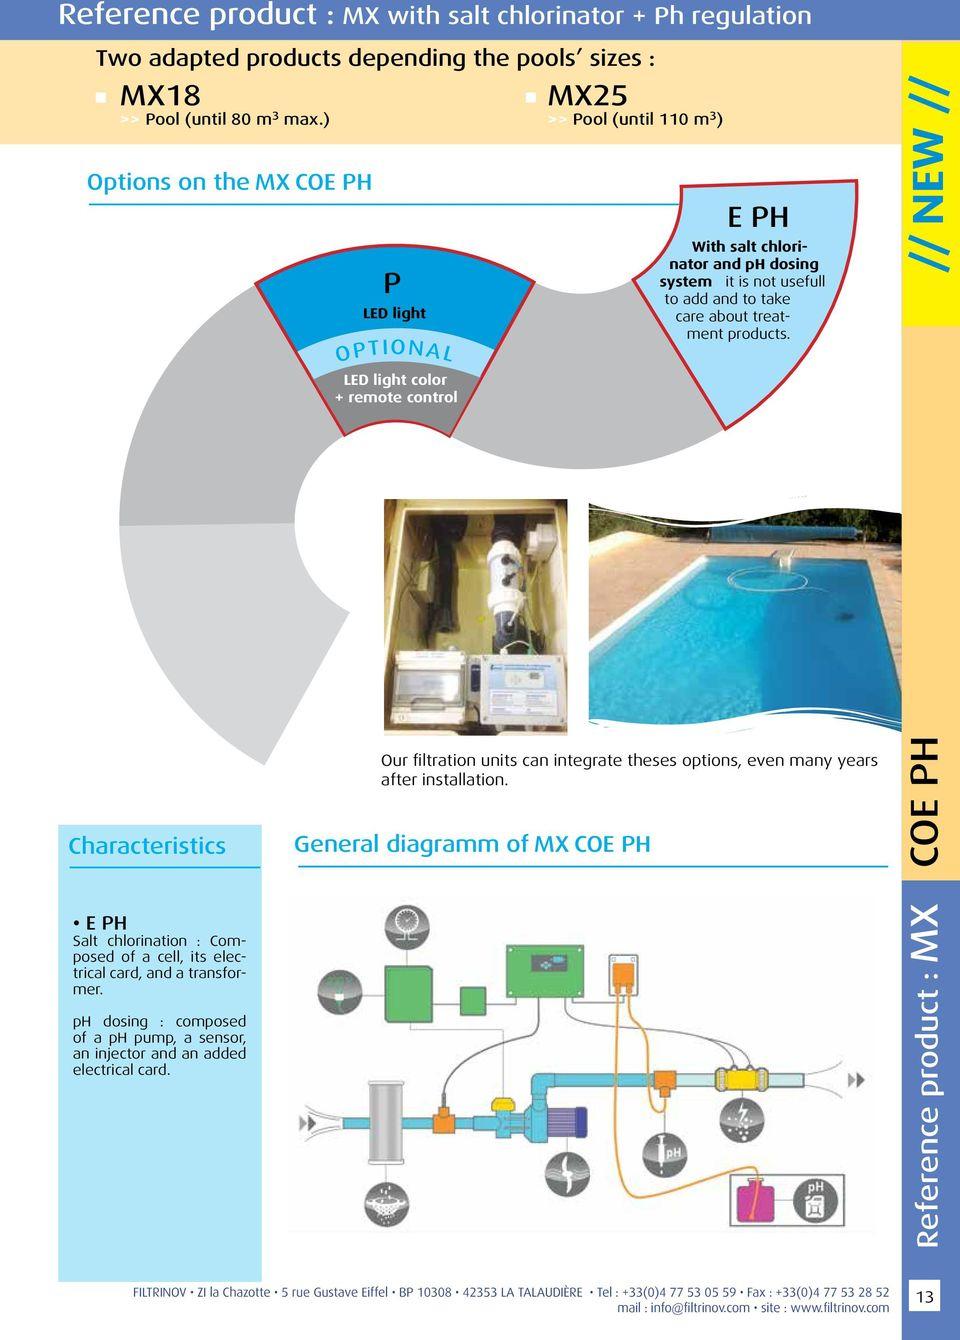 Multifonction Filtration Unit! - Pdf Free Download à Piscine La Talaudiere